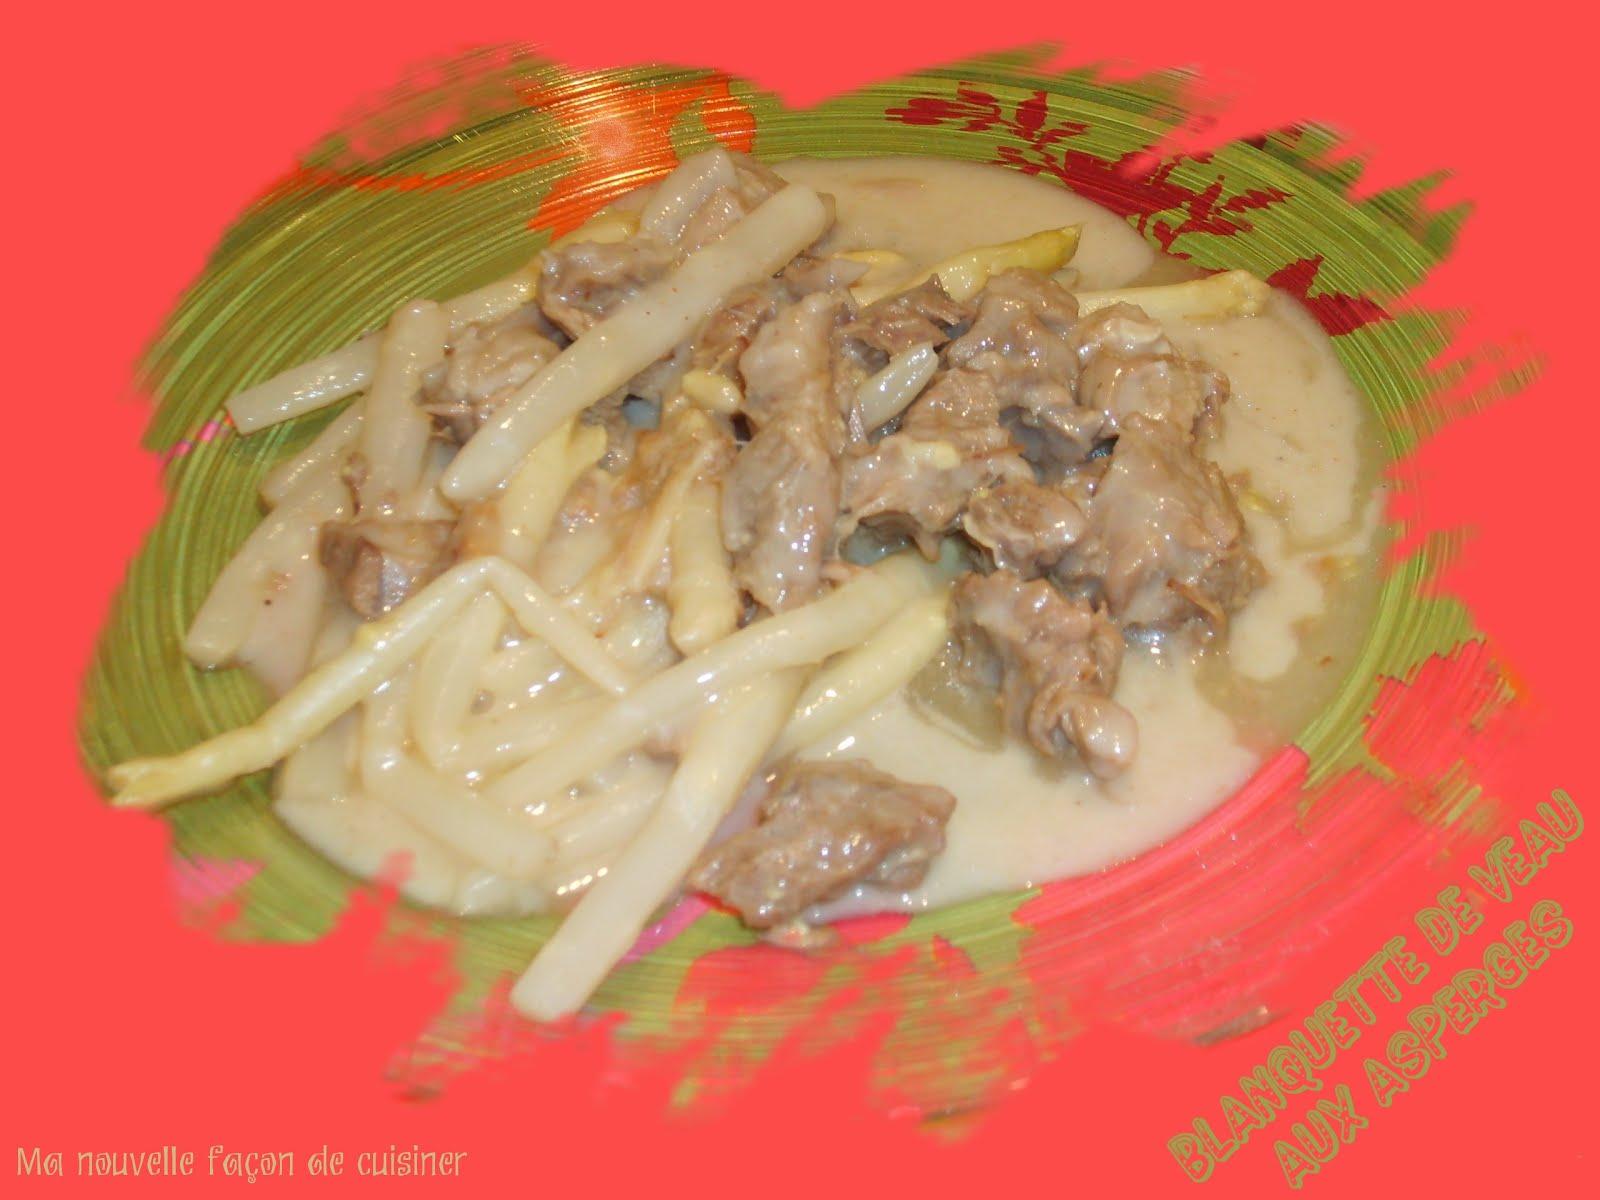 Ma nouvelle fa on de cuisiner blanquette de veau aux asperges 6 propoints - Cuisiner la blanquette de veau ...